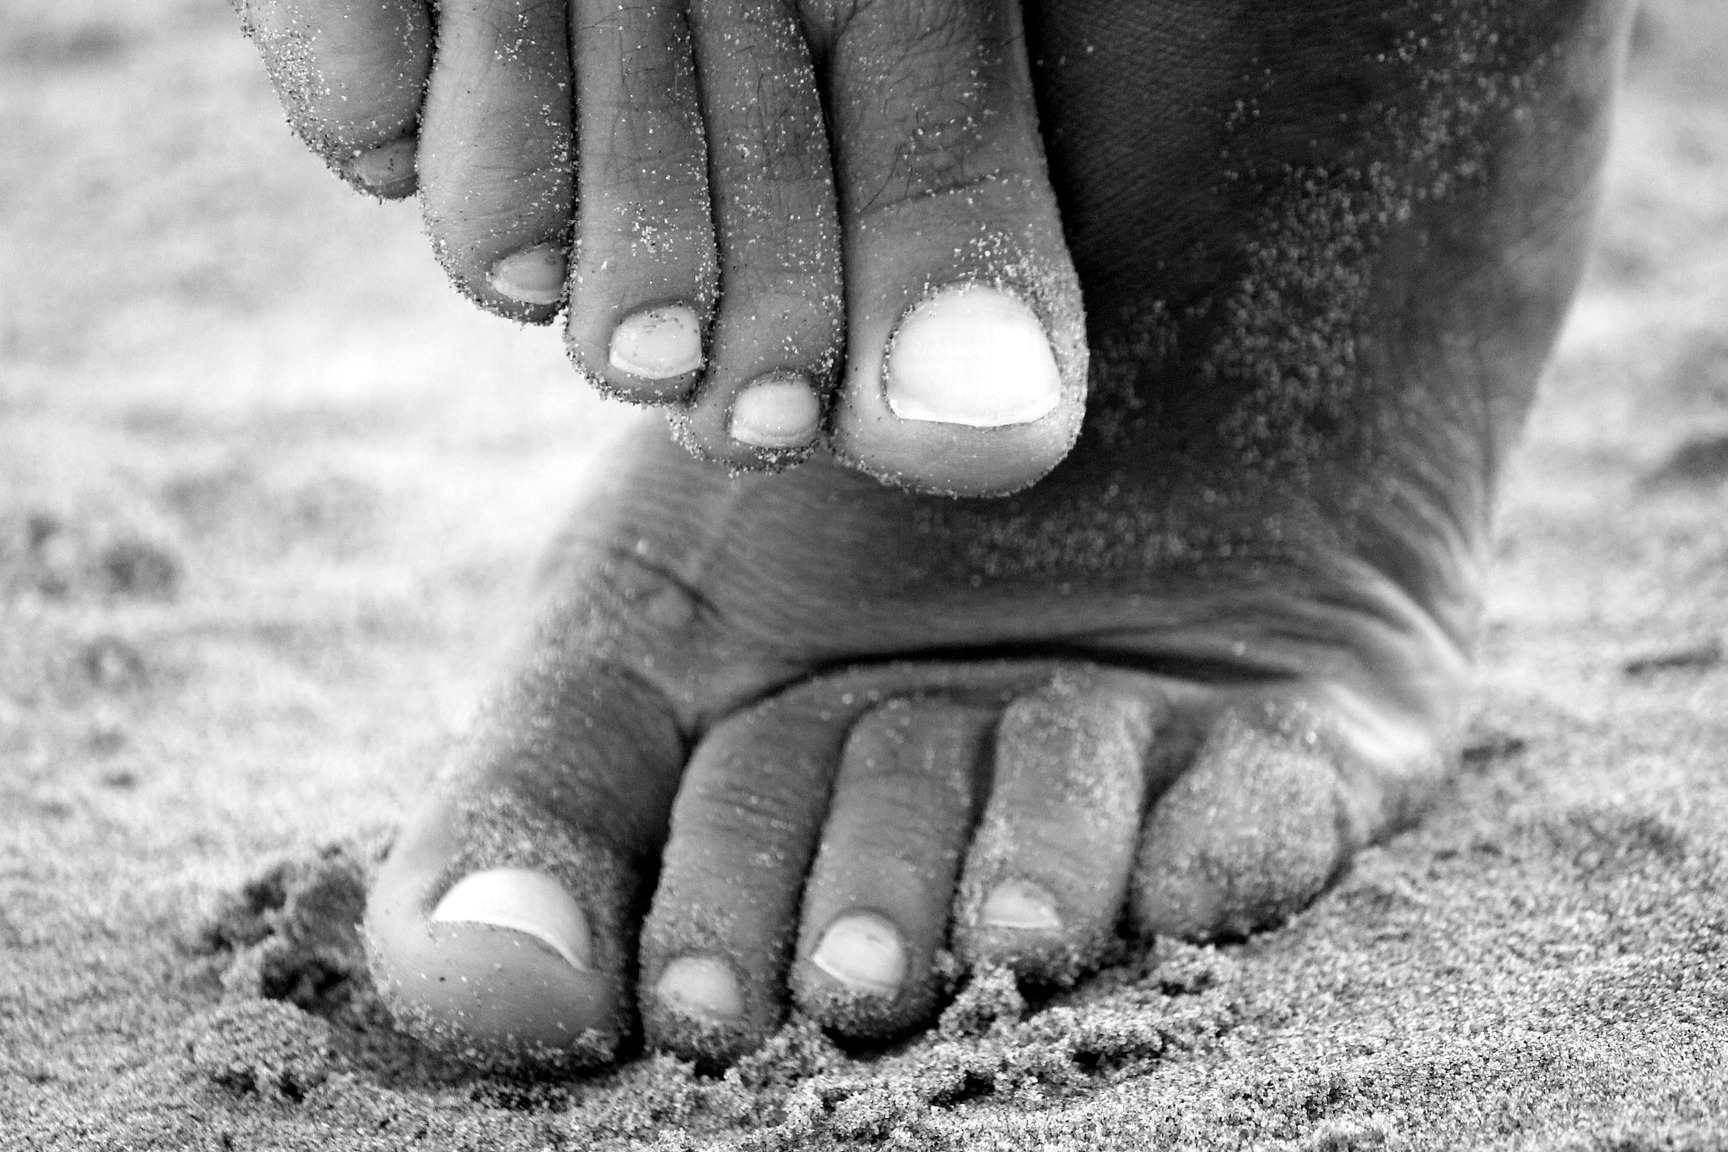 Onicosquicia: descubre si tus uñas están más débiles y pon remedio